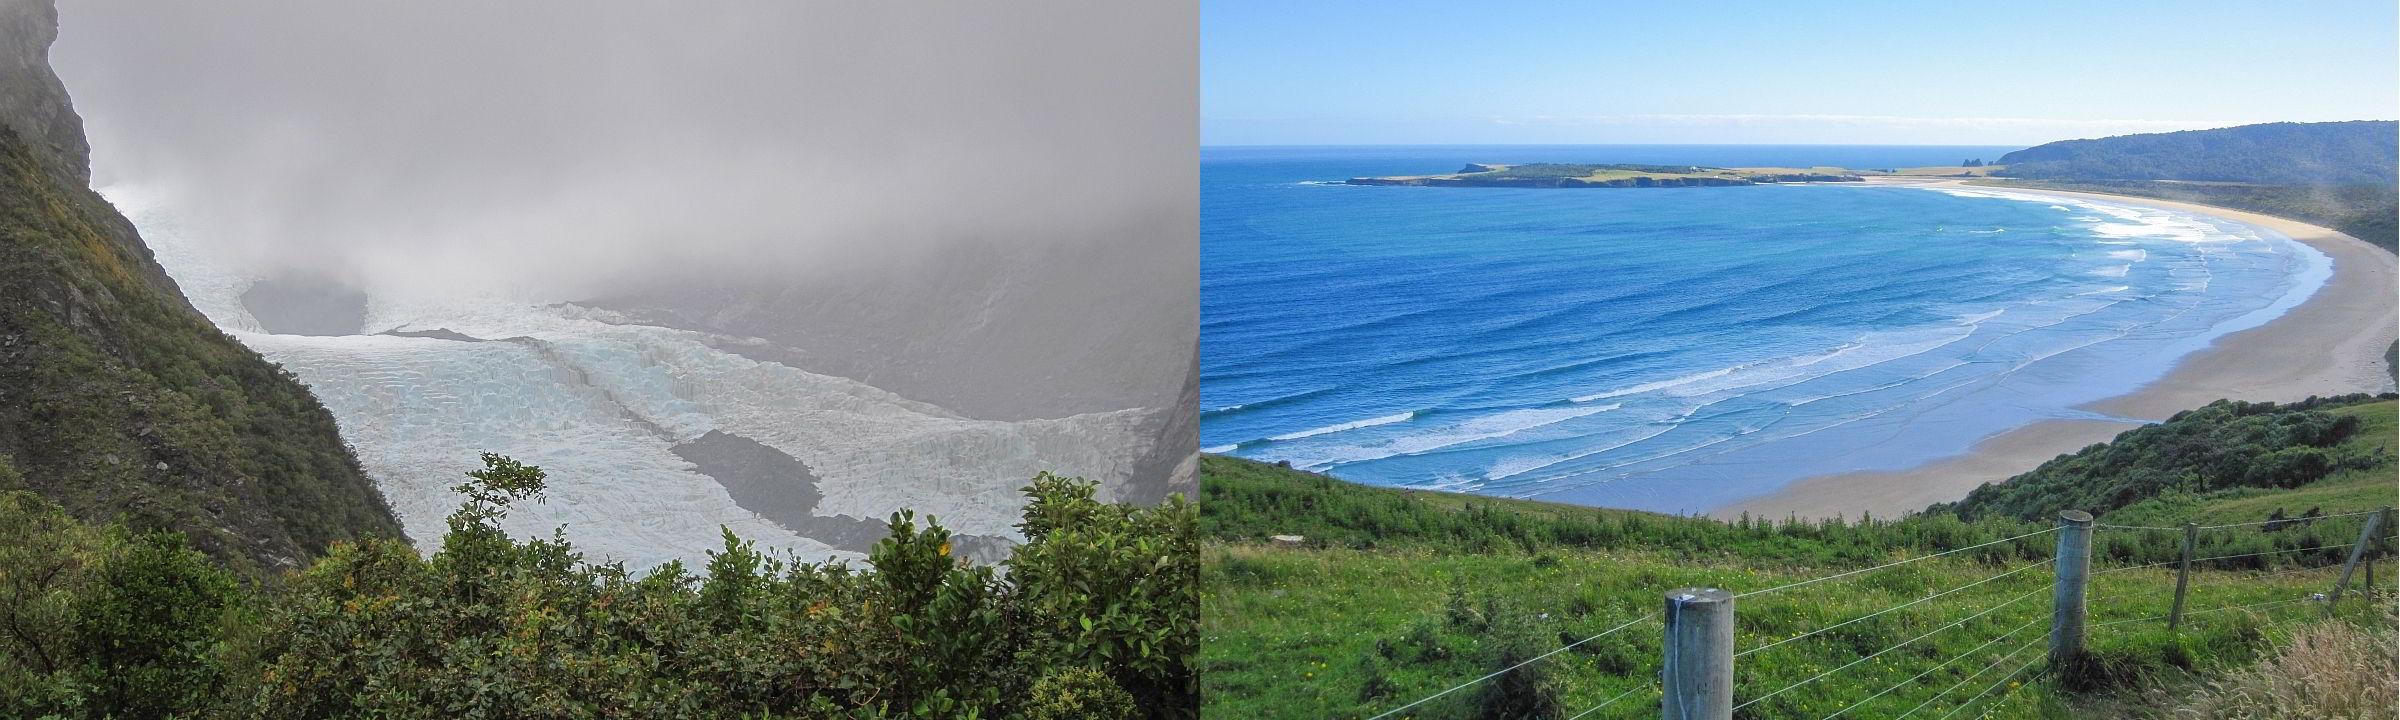 Wetteransichten von Neuseeland